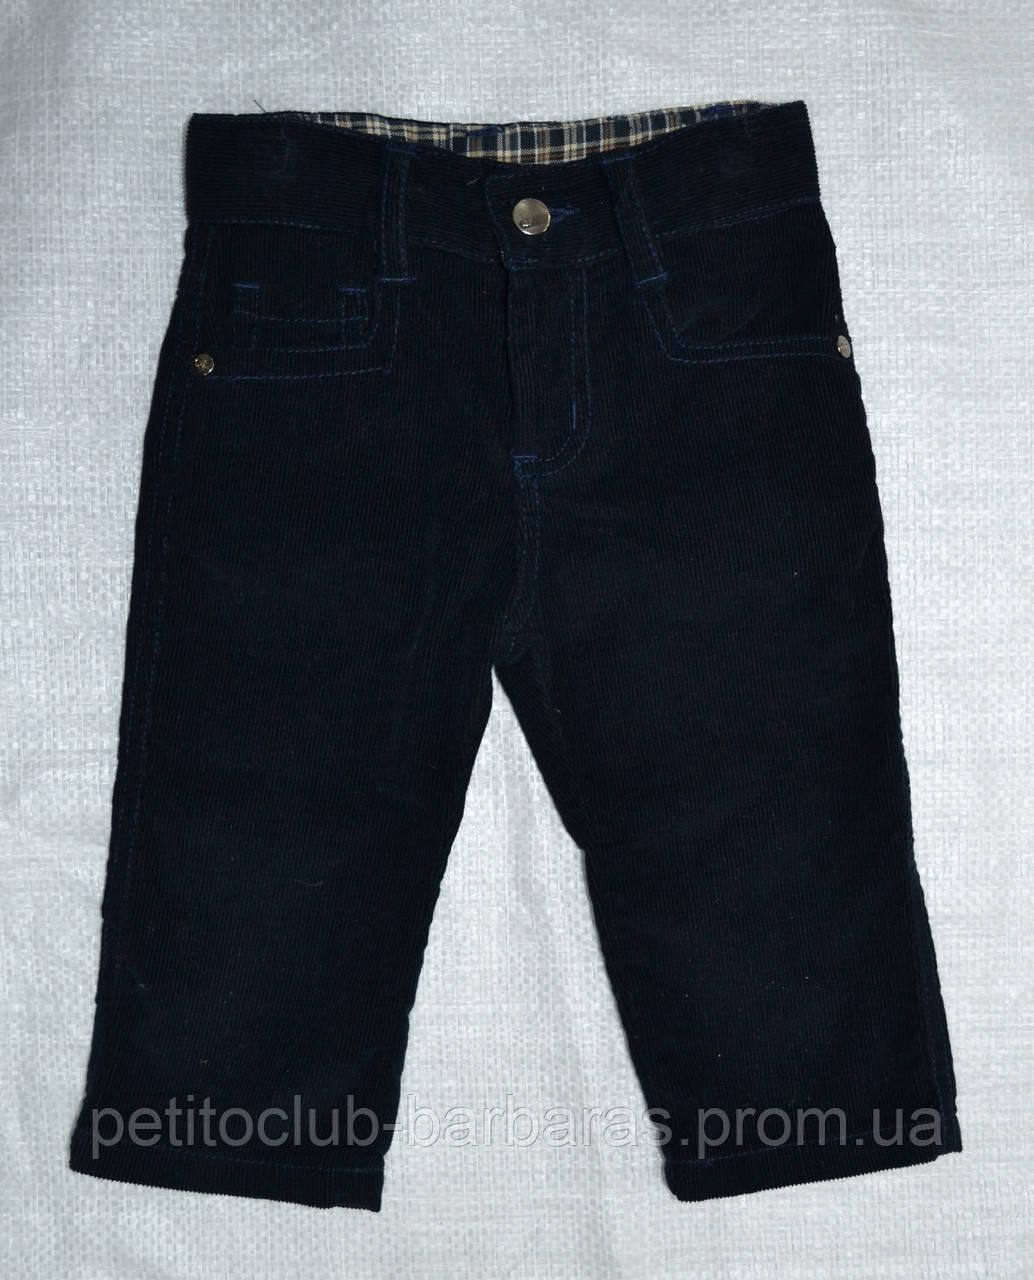 Детские брюки вельветовые темно-синие (QuadriFoglio, Польша)